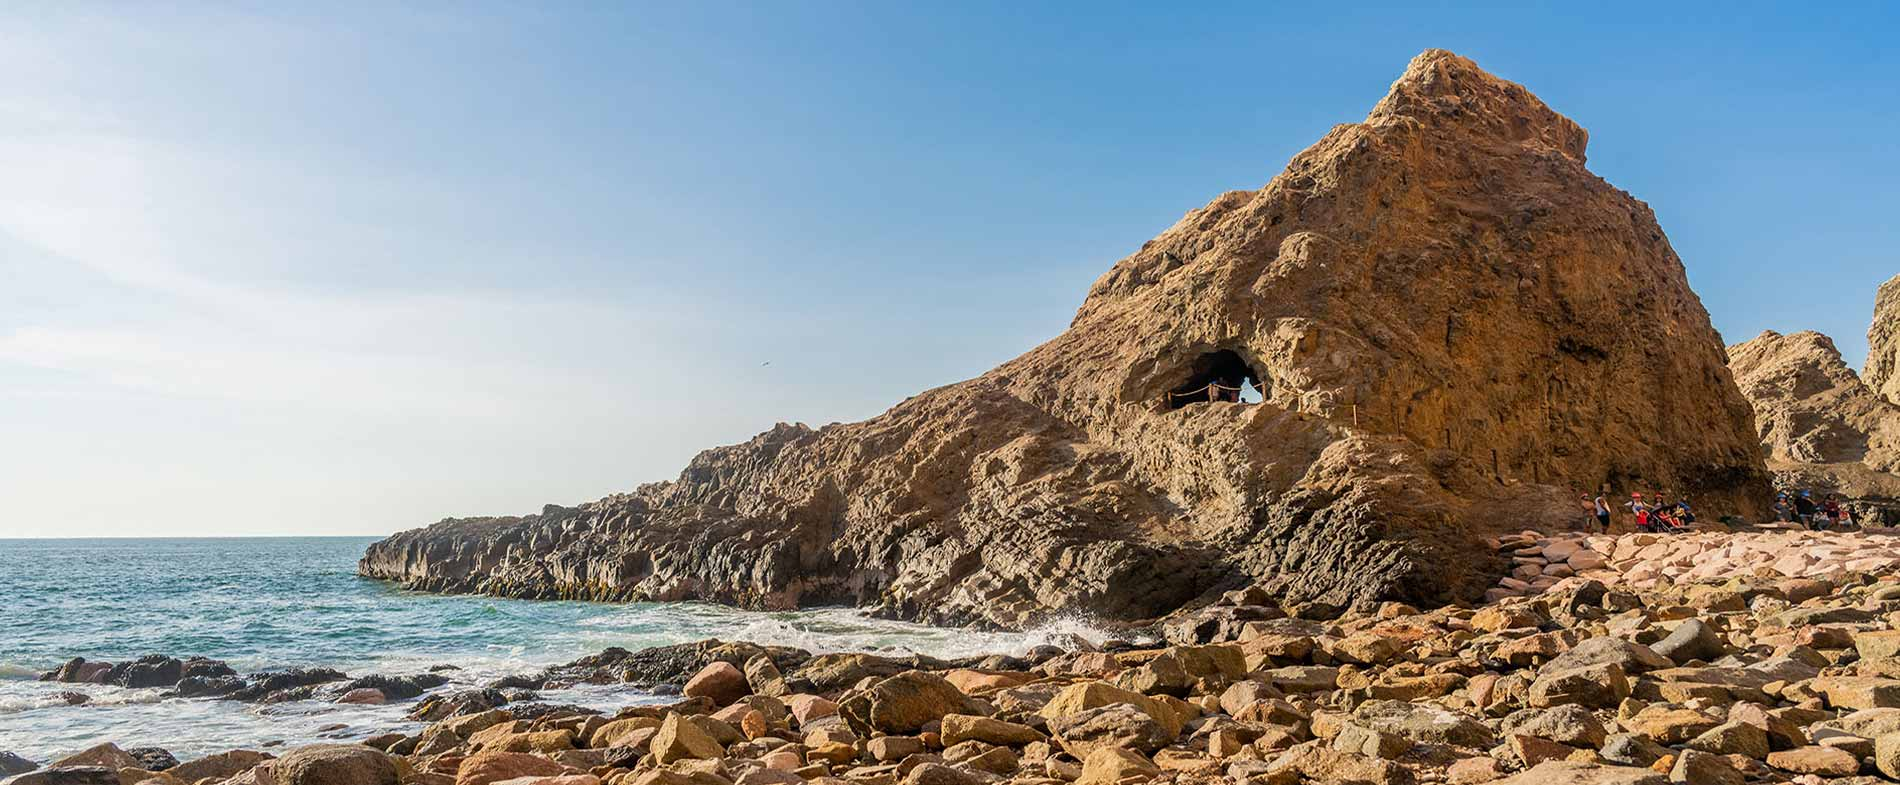 Cuevas de Anzota vista cuevas borde costero Arica